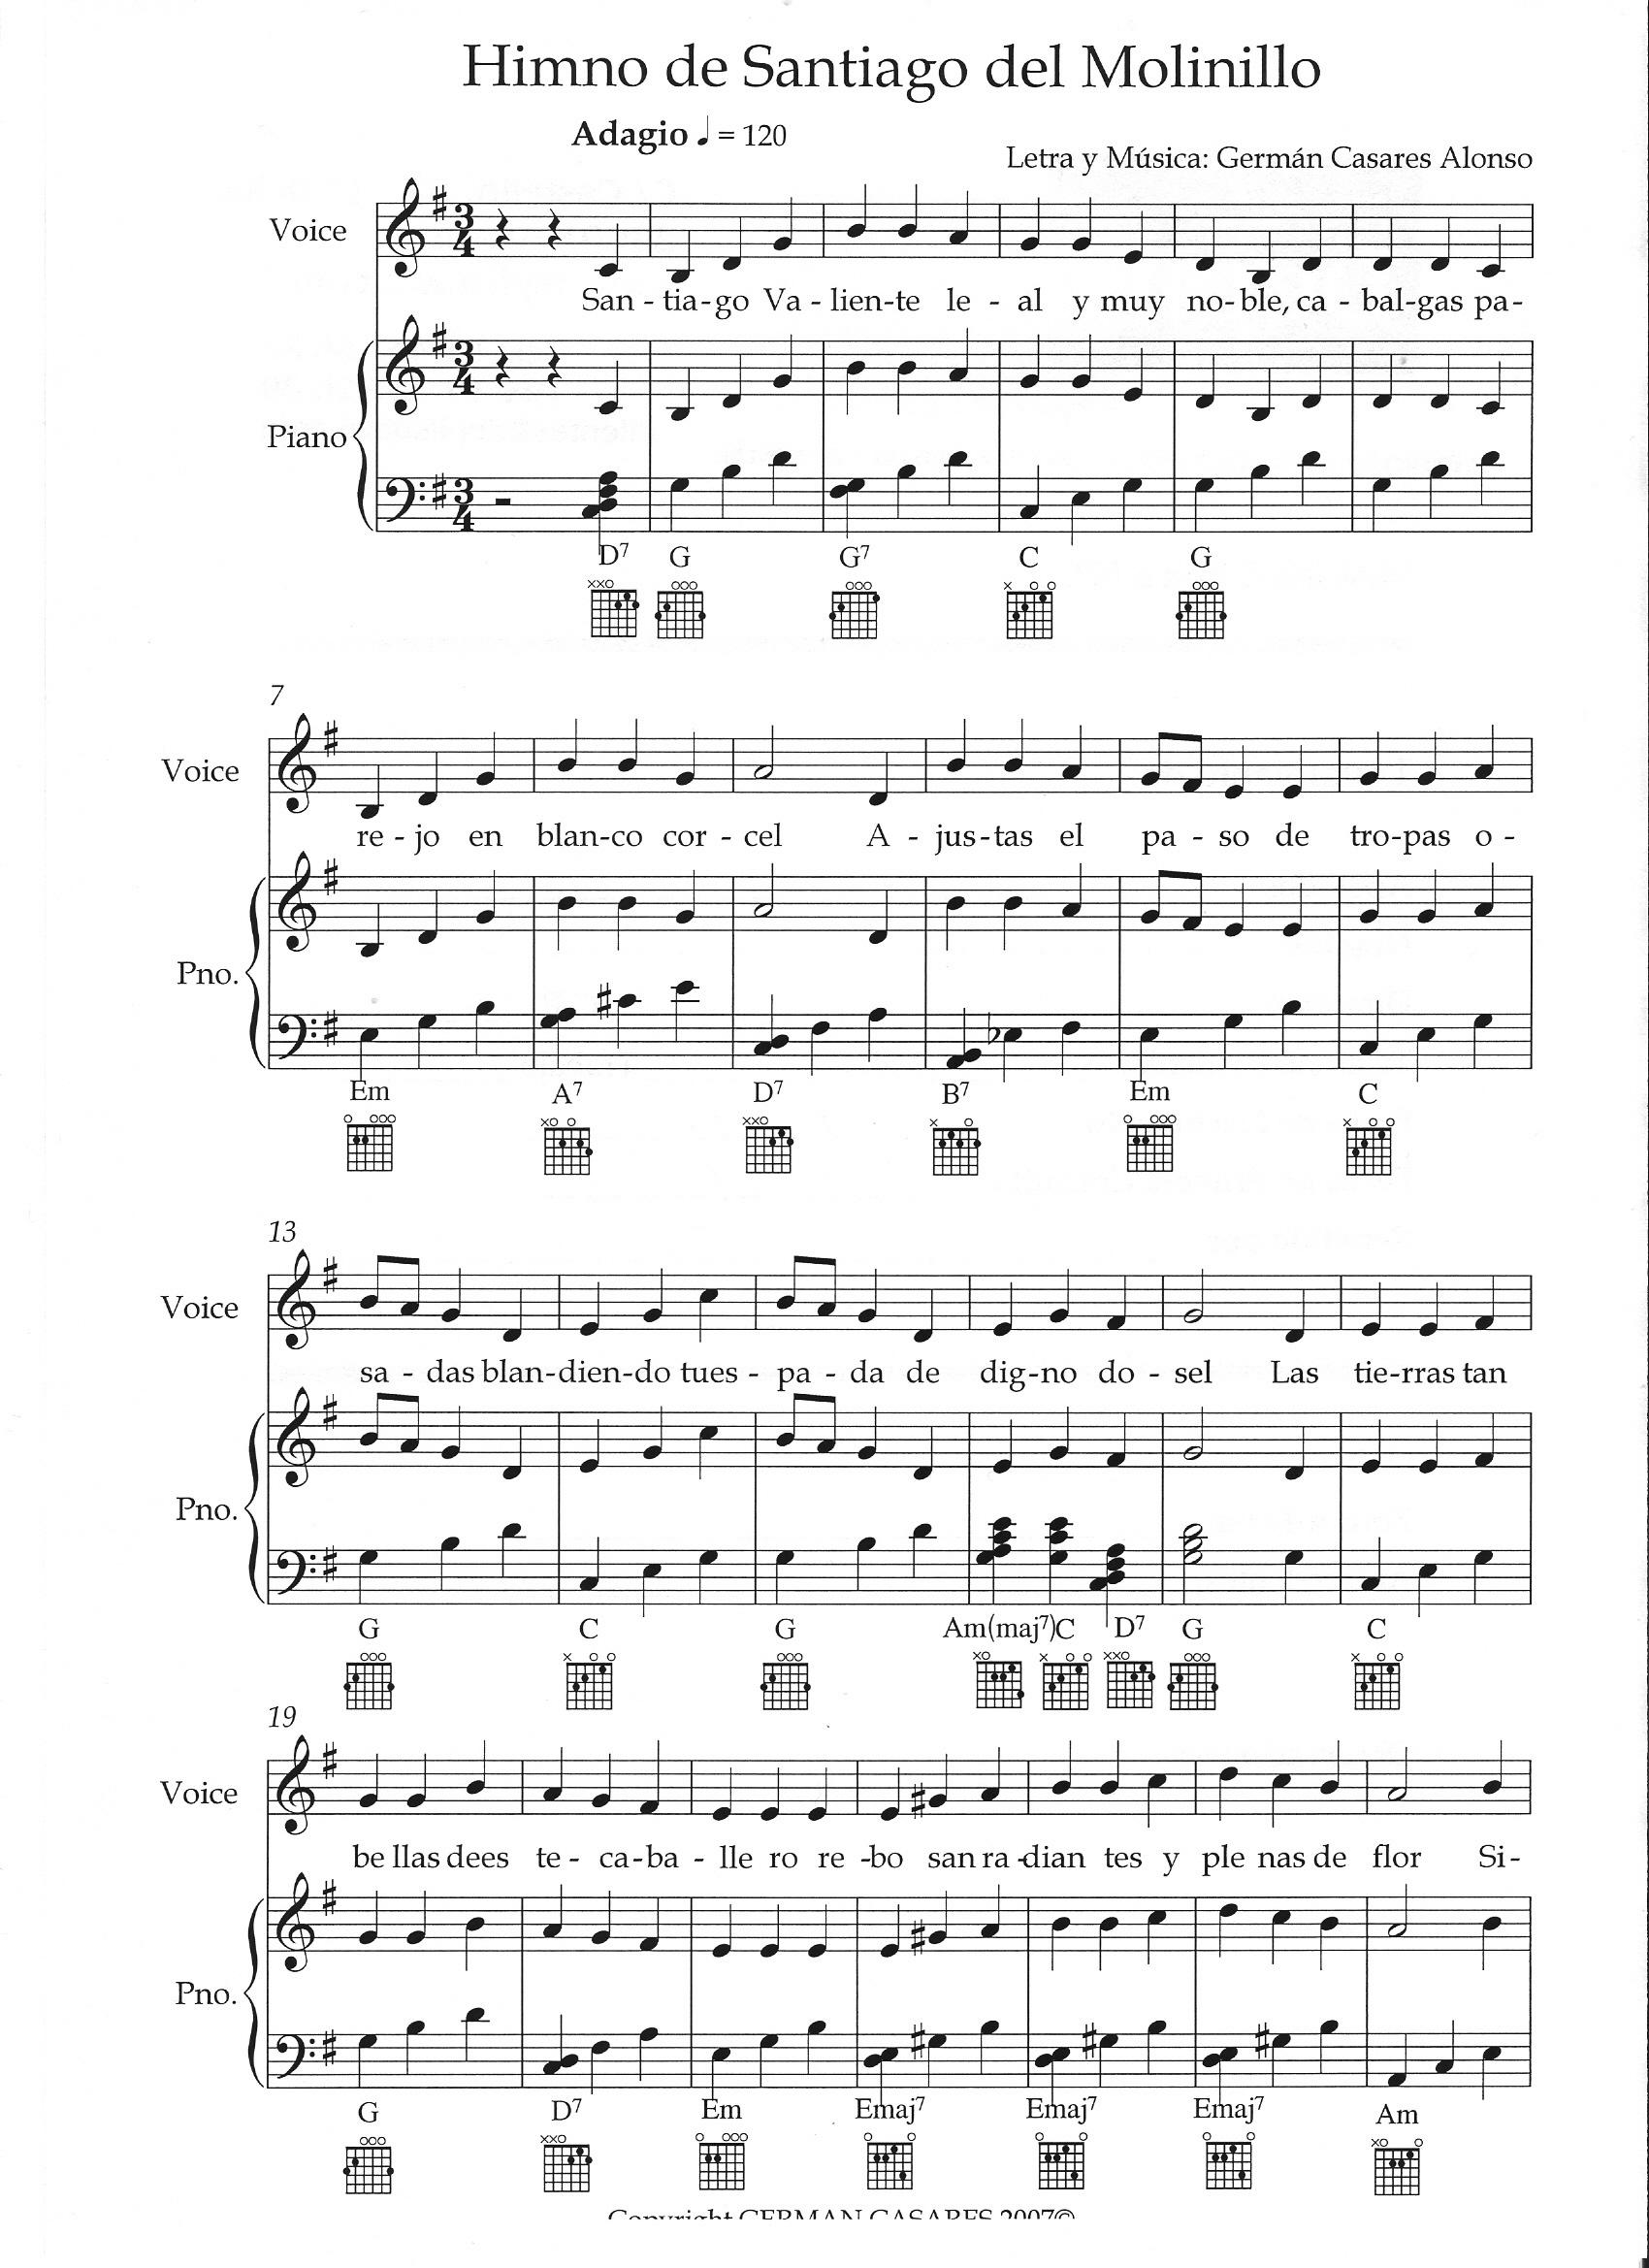 Wonderful world orchestral scores